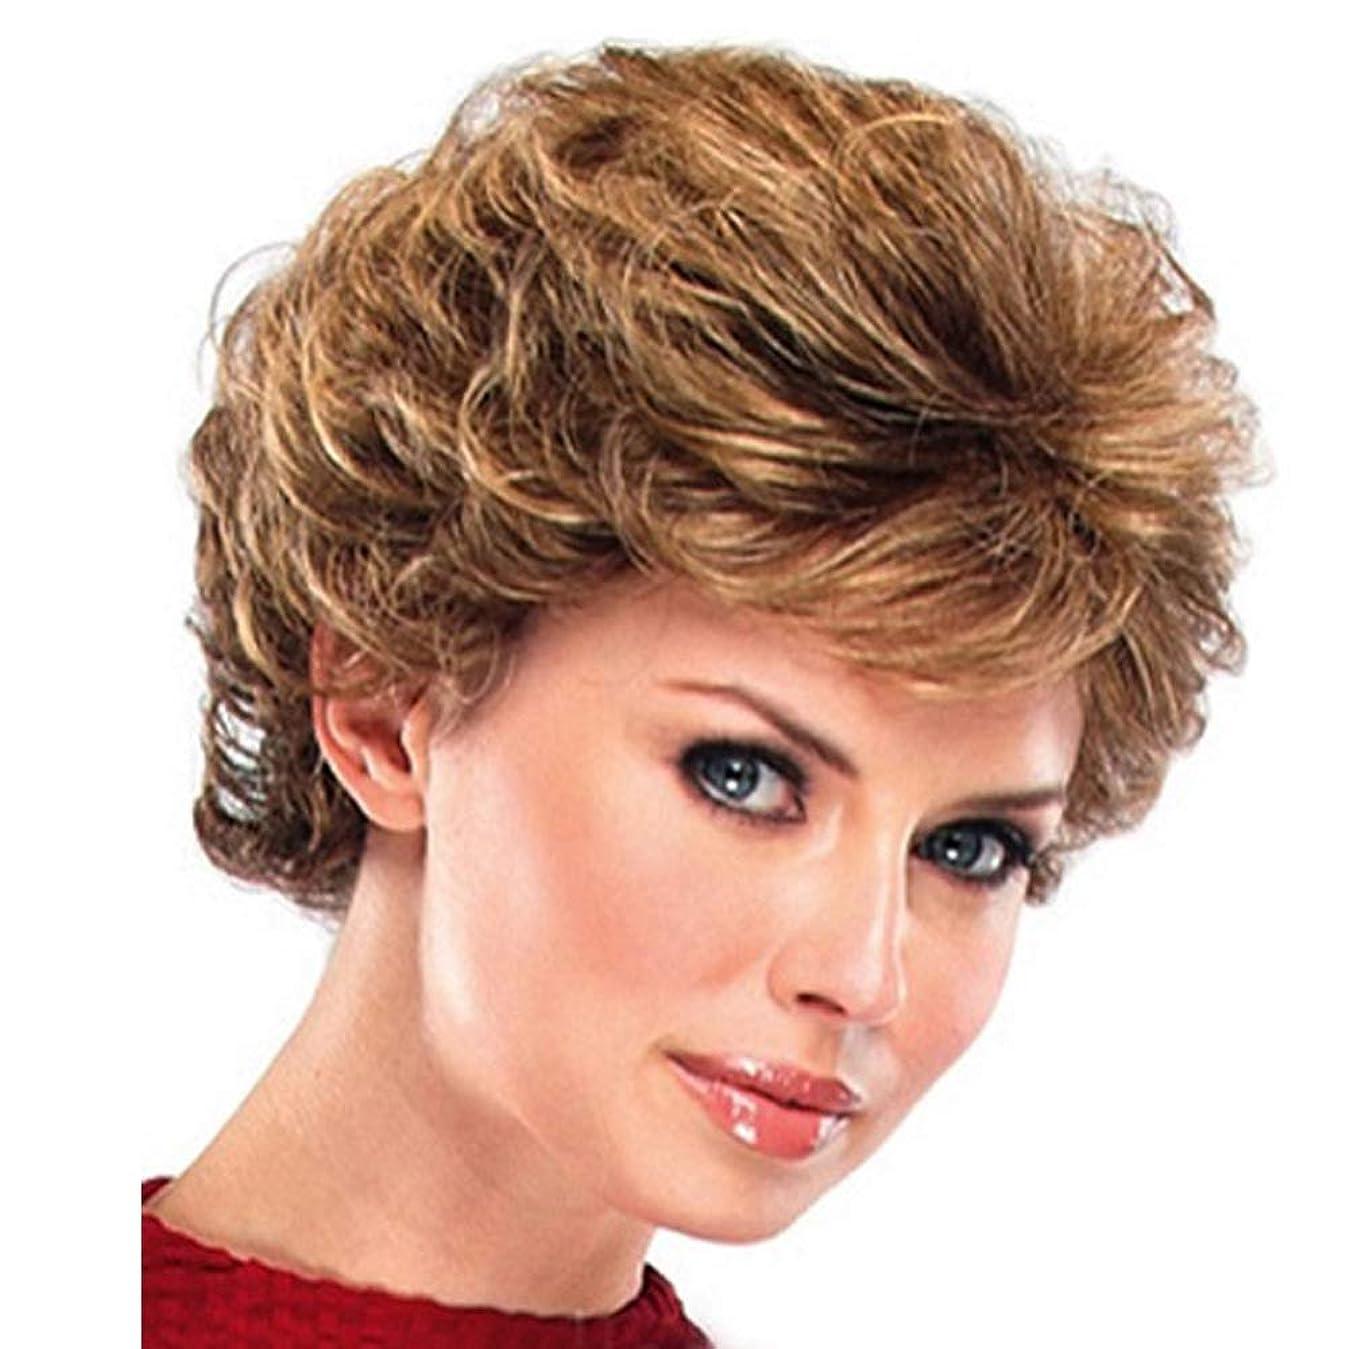 フックビート絶えず女性短い髪混合色カール人工毛ウィッグフルヘアーかつら180%高密度毎日のパーティー用ハロウィンブラウン29 cm